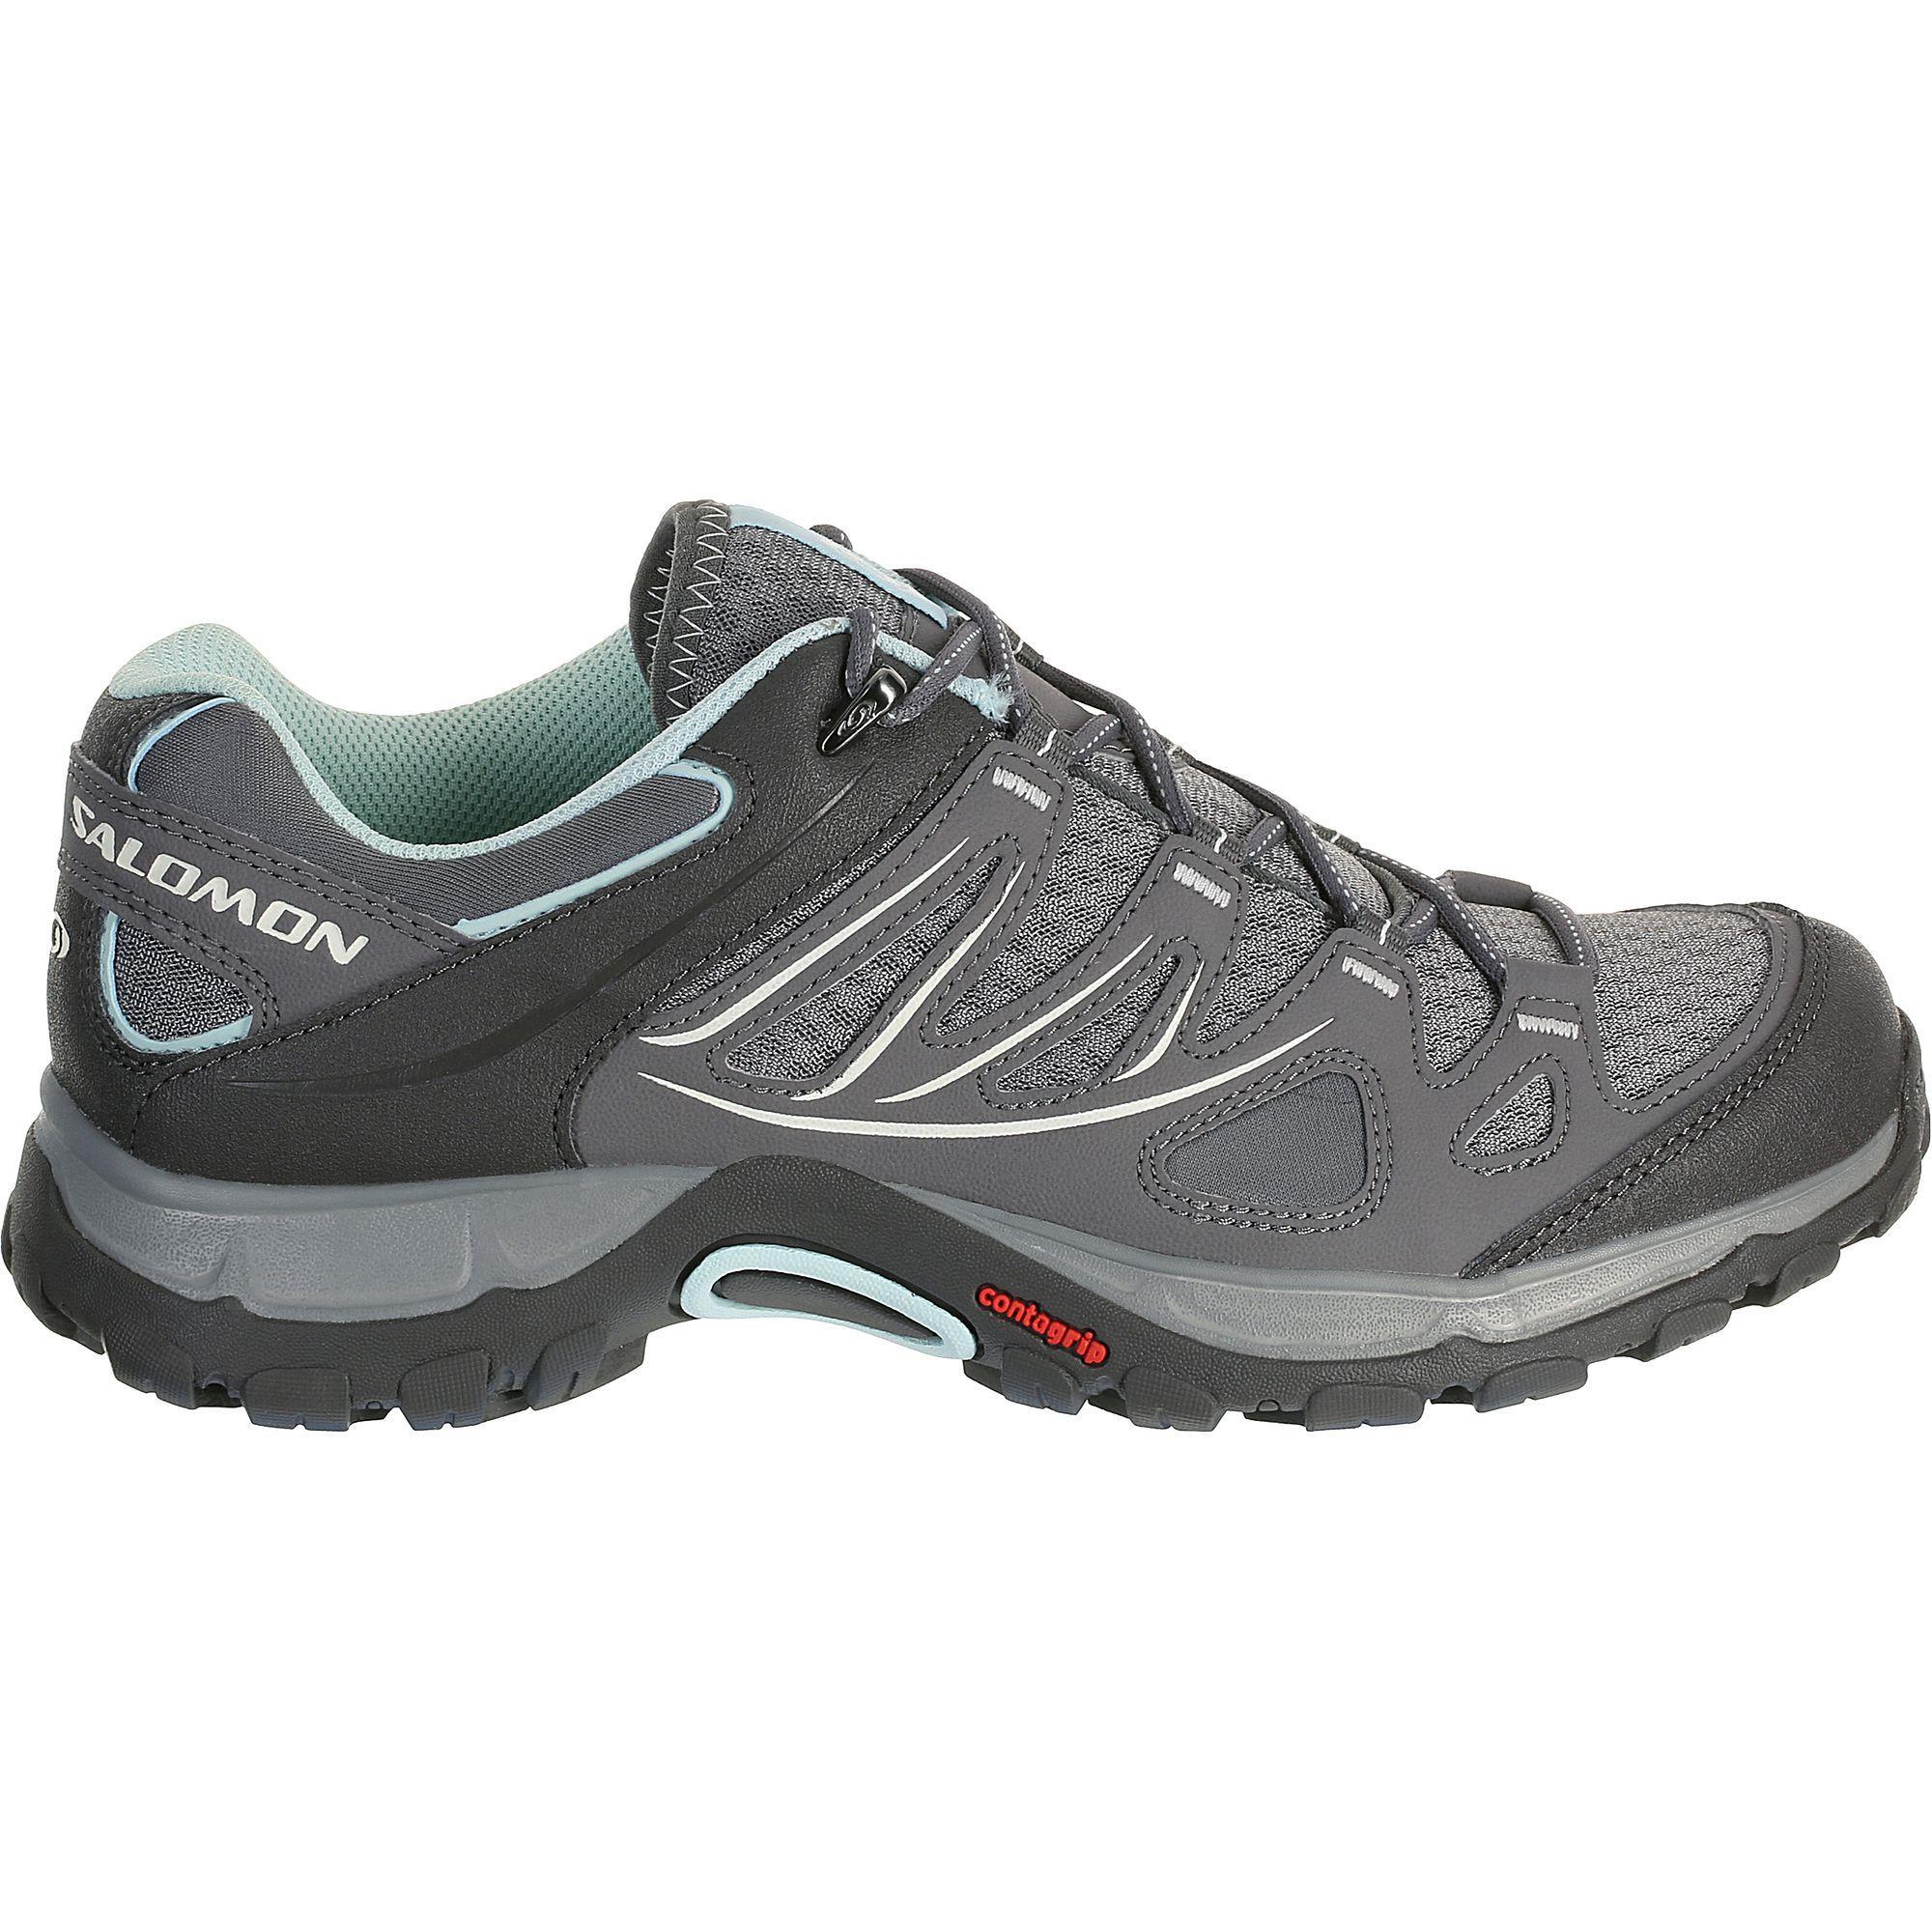 Officiel Mme Chaussures de randonnée Salomon Ellipse 2 Aero